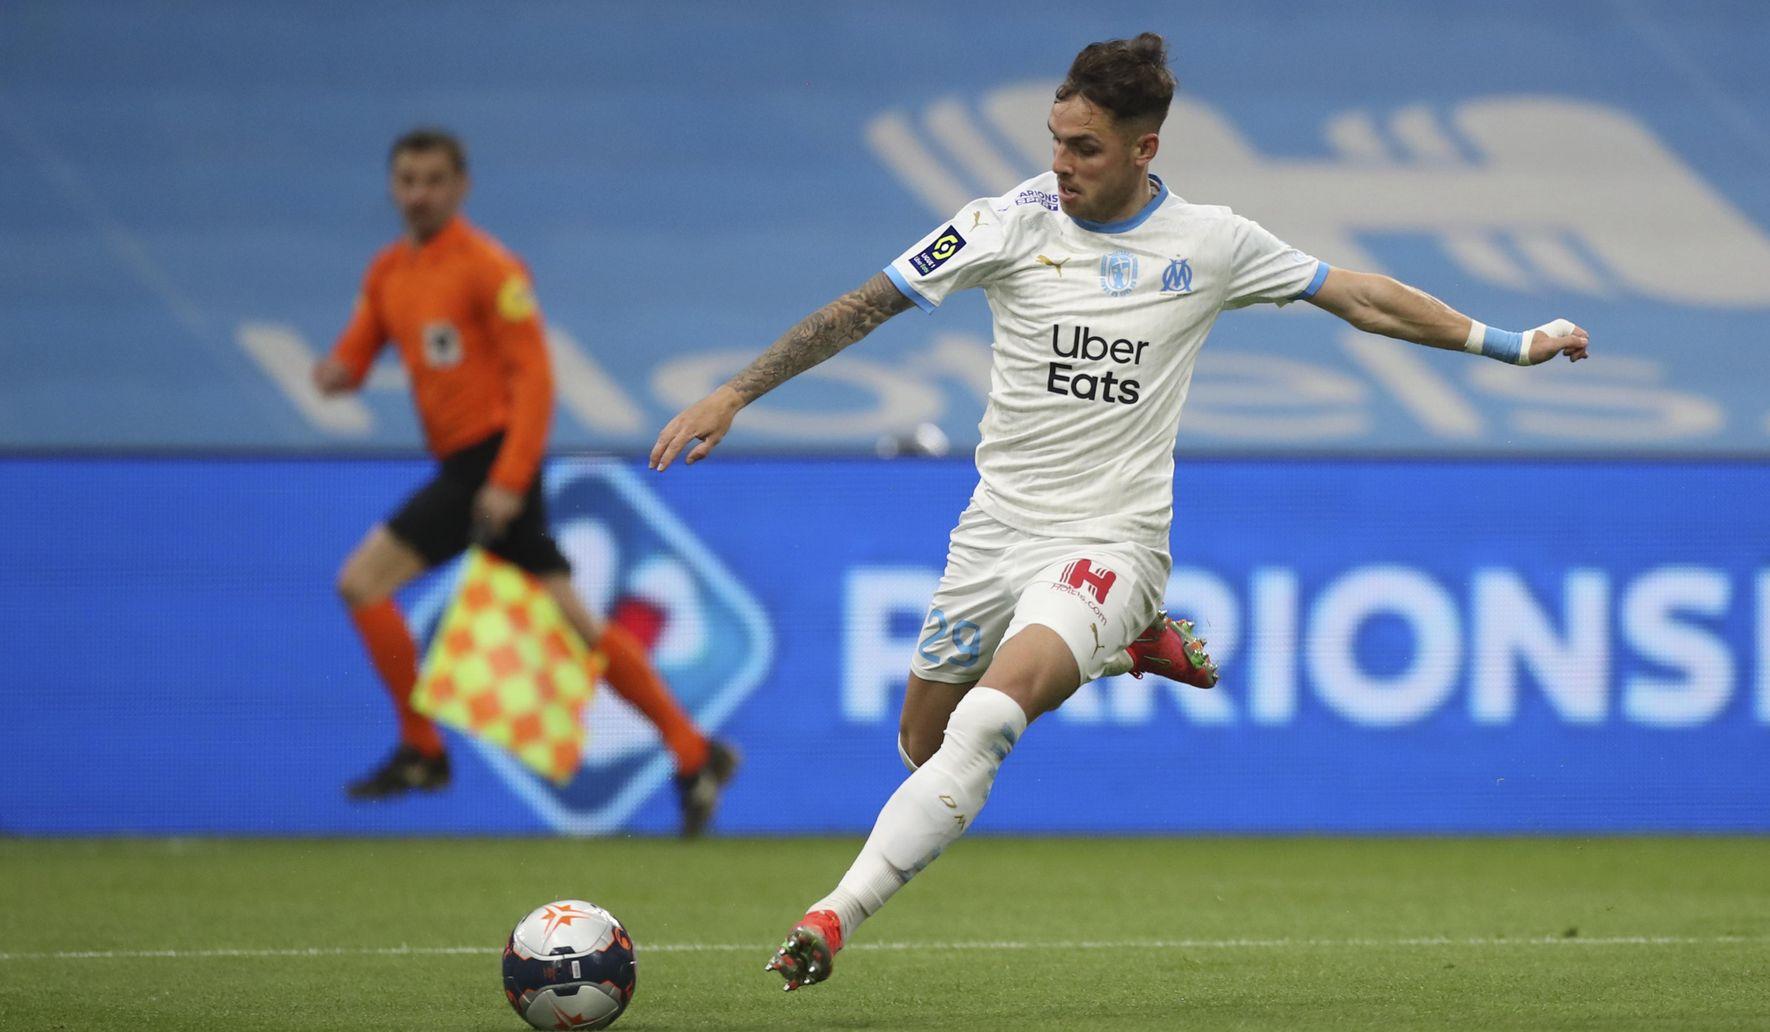 France_soccer_league_one_31959_c0-167-4000-2499_s1770x1032